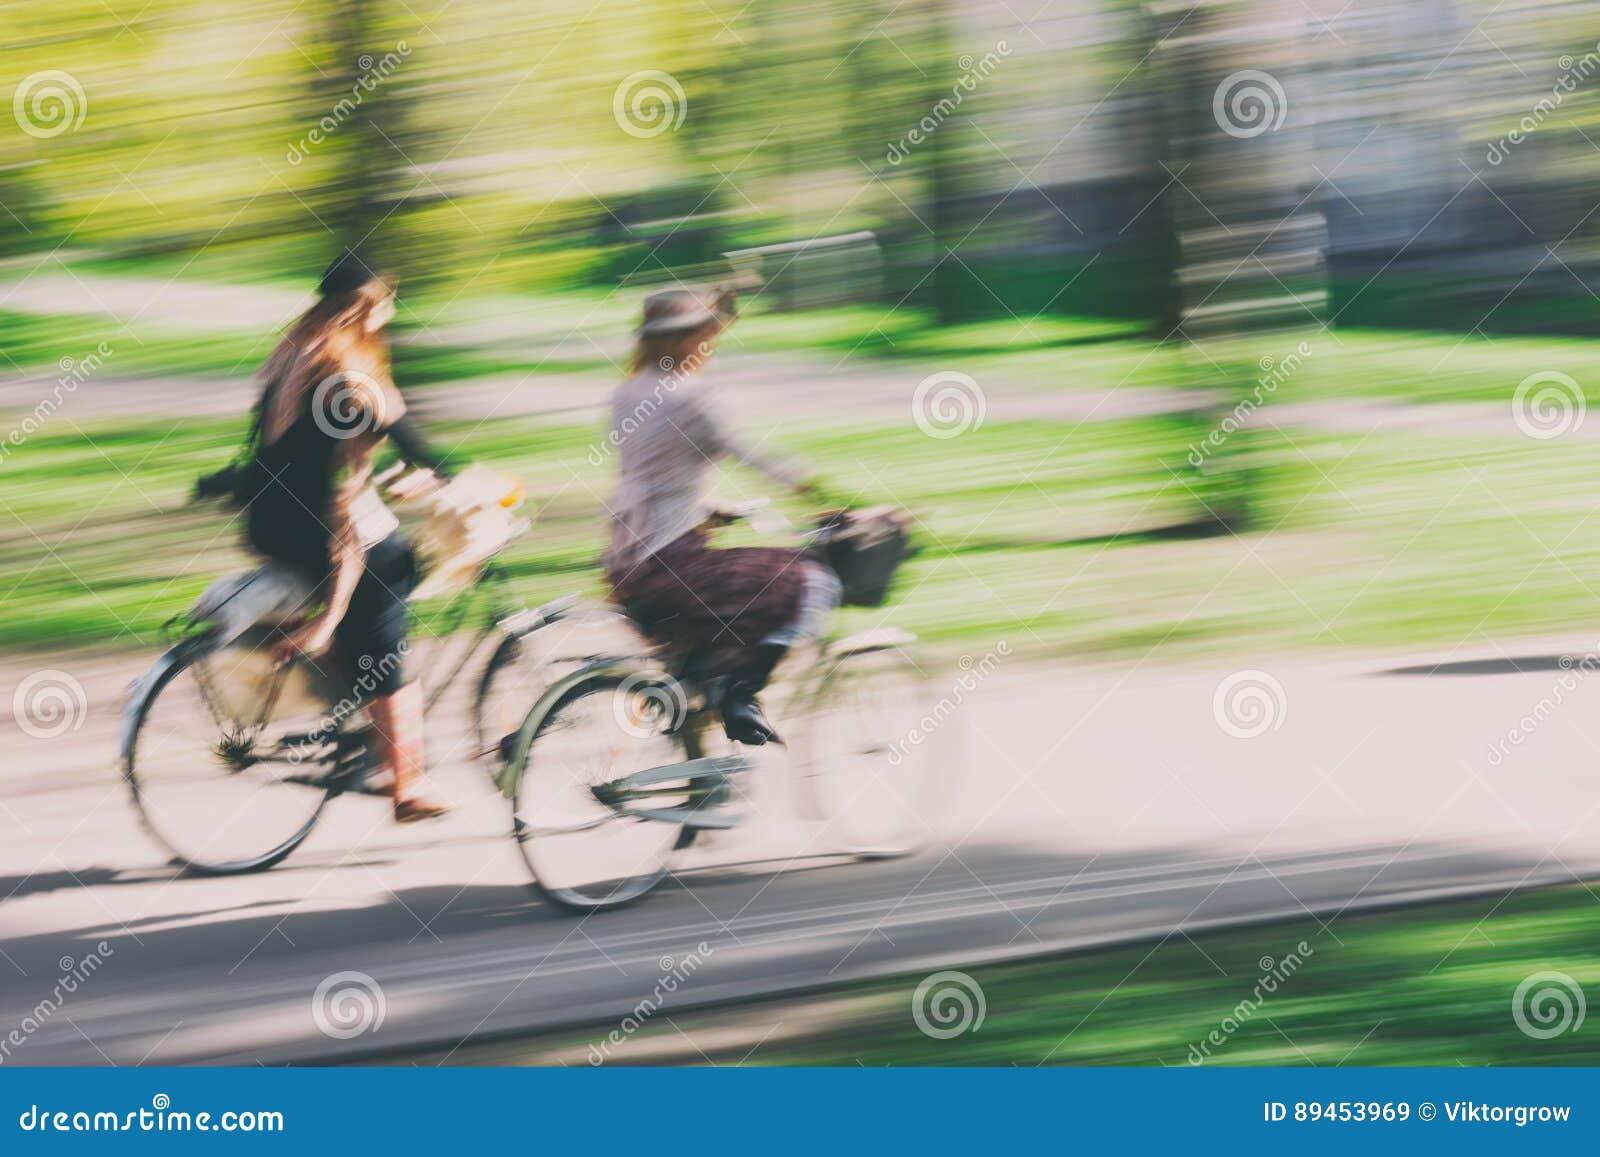 Пары велосипедистов в ретро стиле